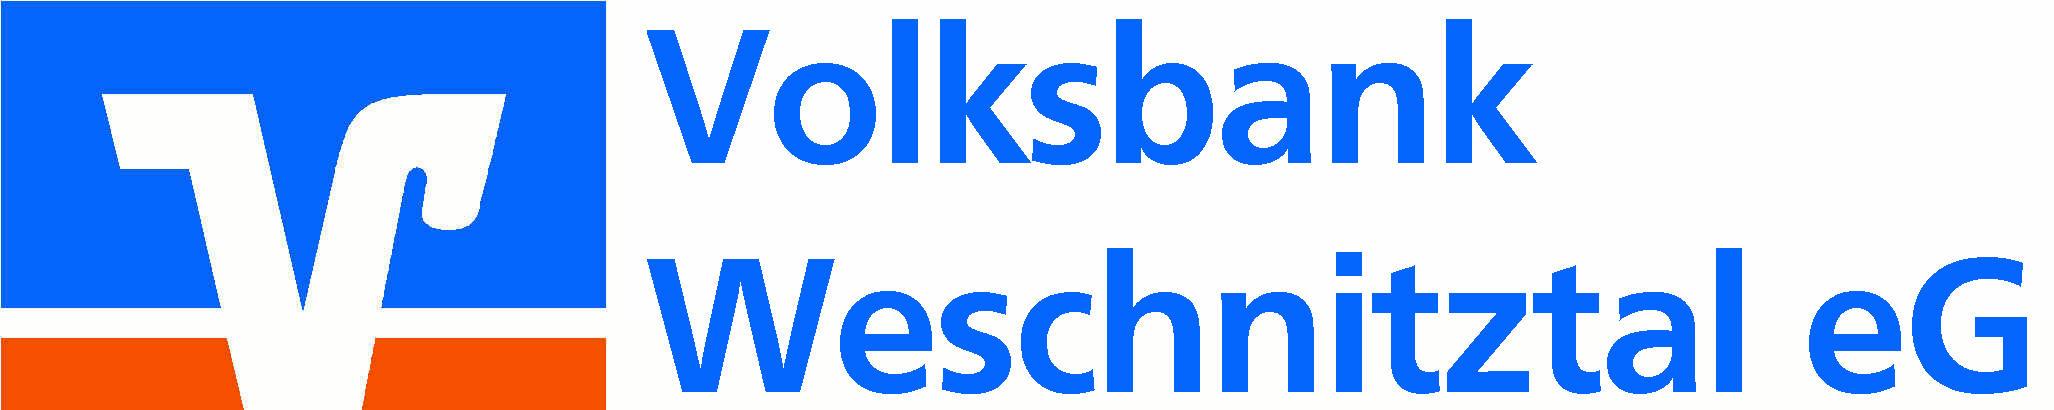 Volksbank Weschnitztal